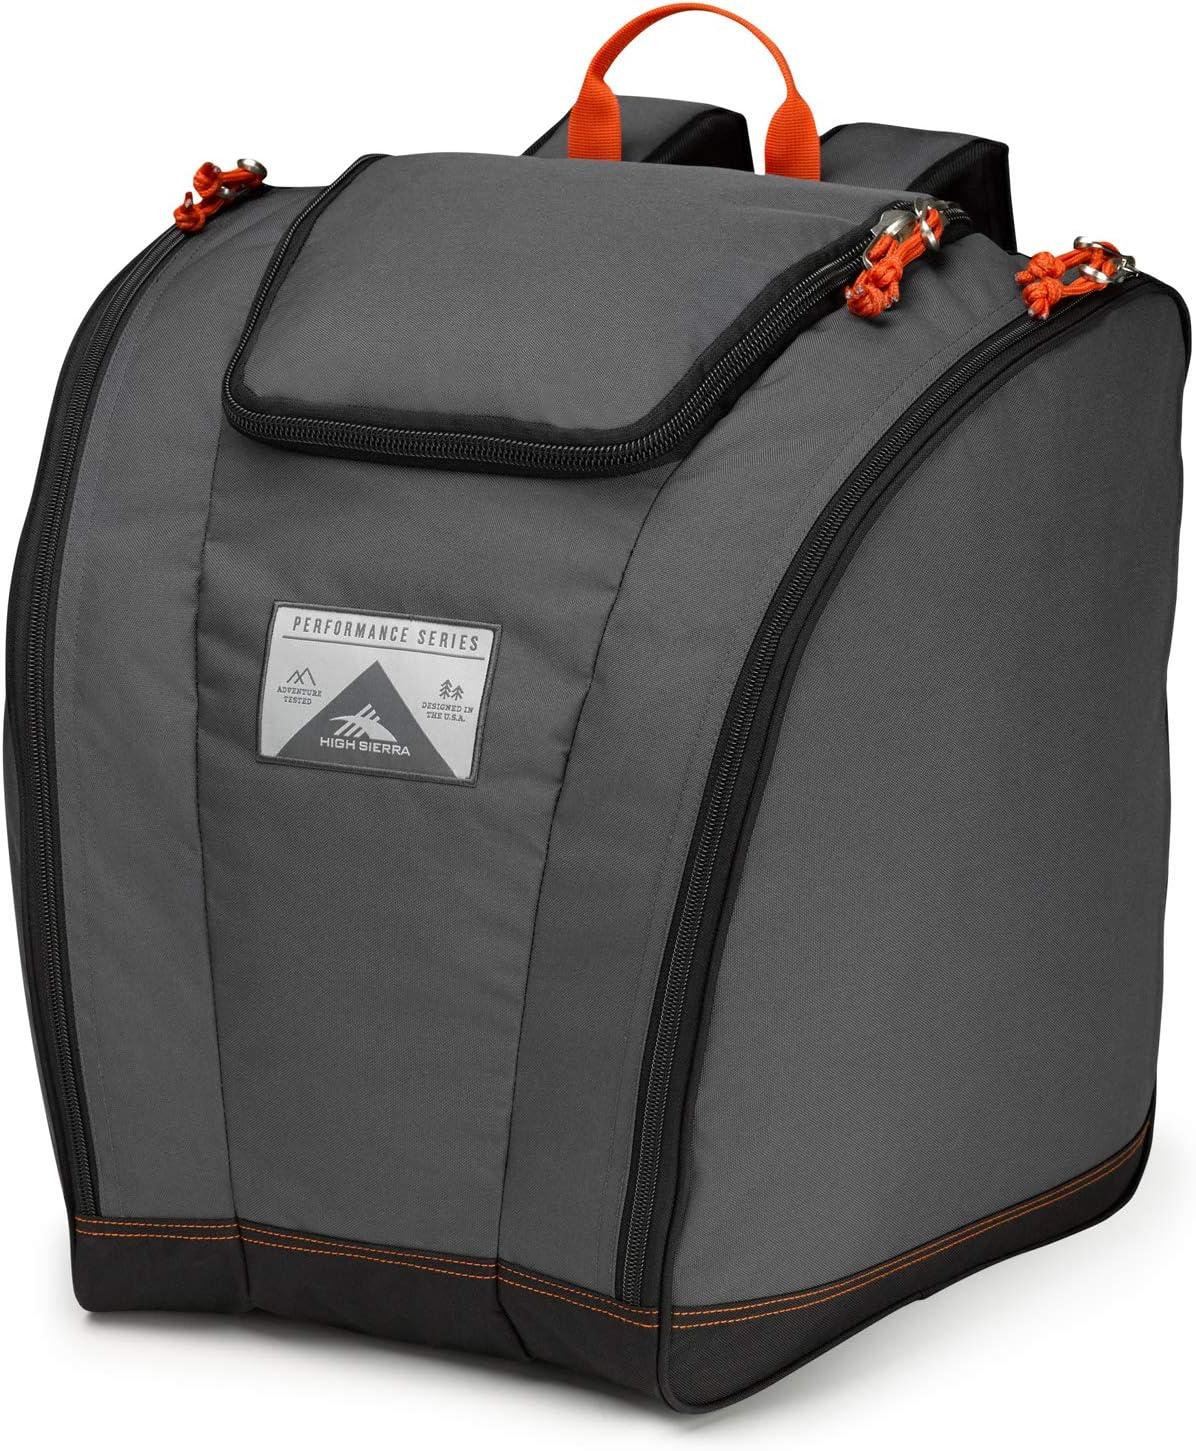 High Sierra Trapezoid Ski Boot Bag Backpack